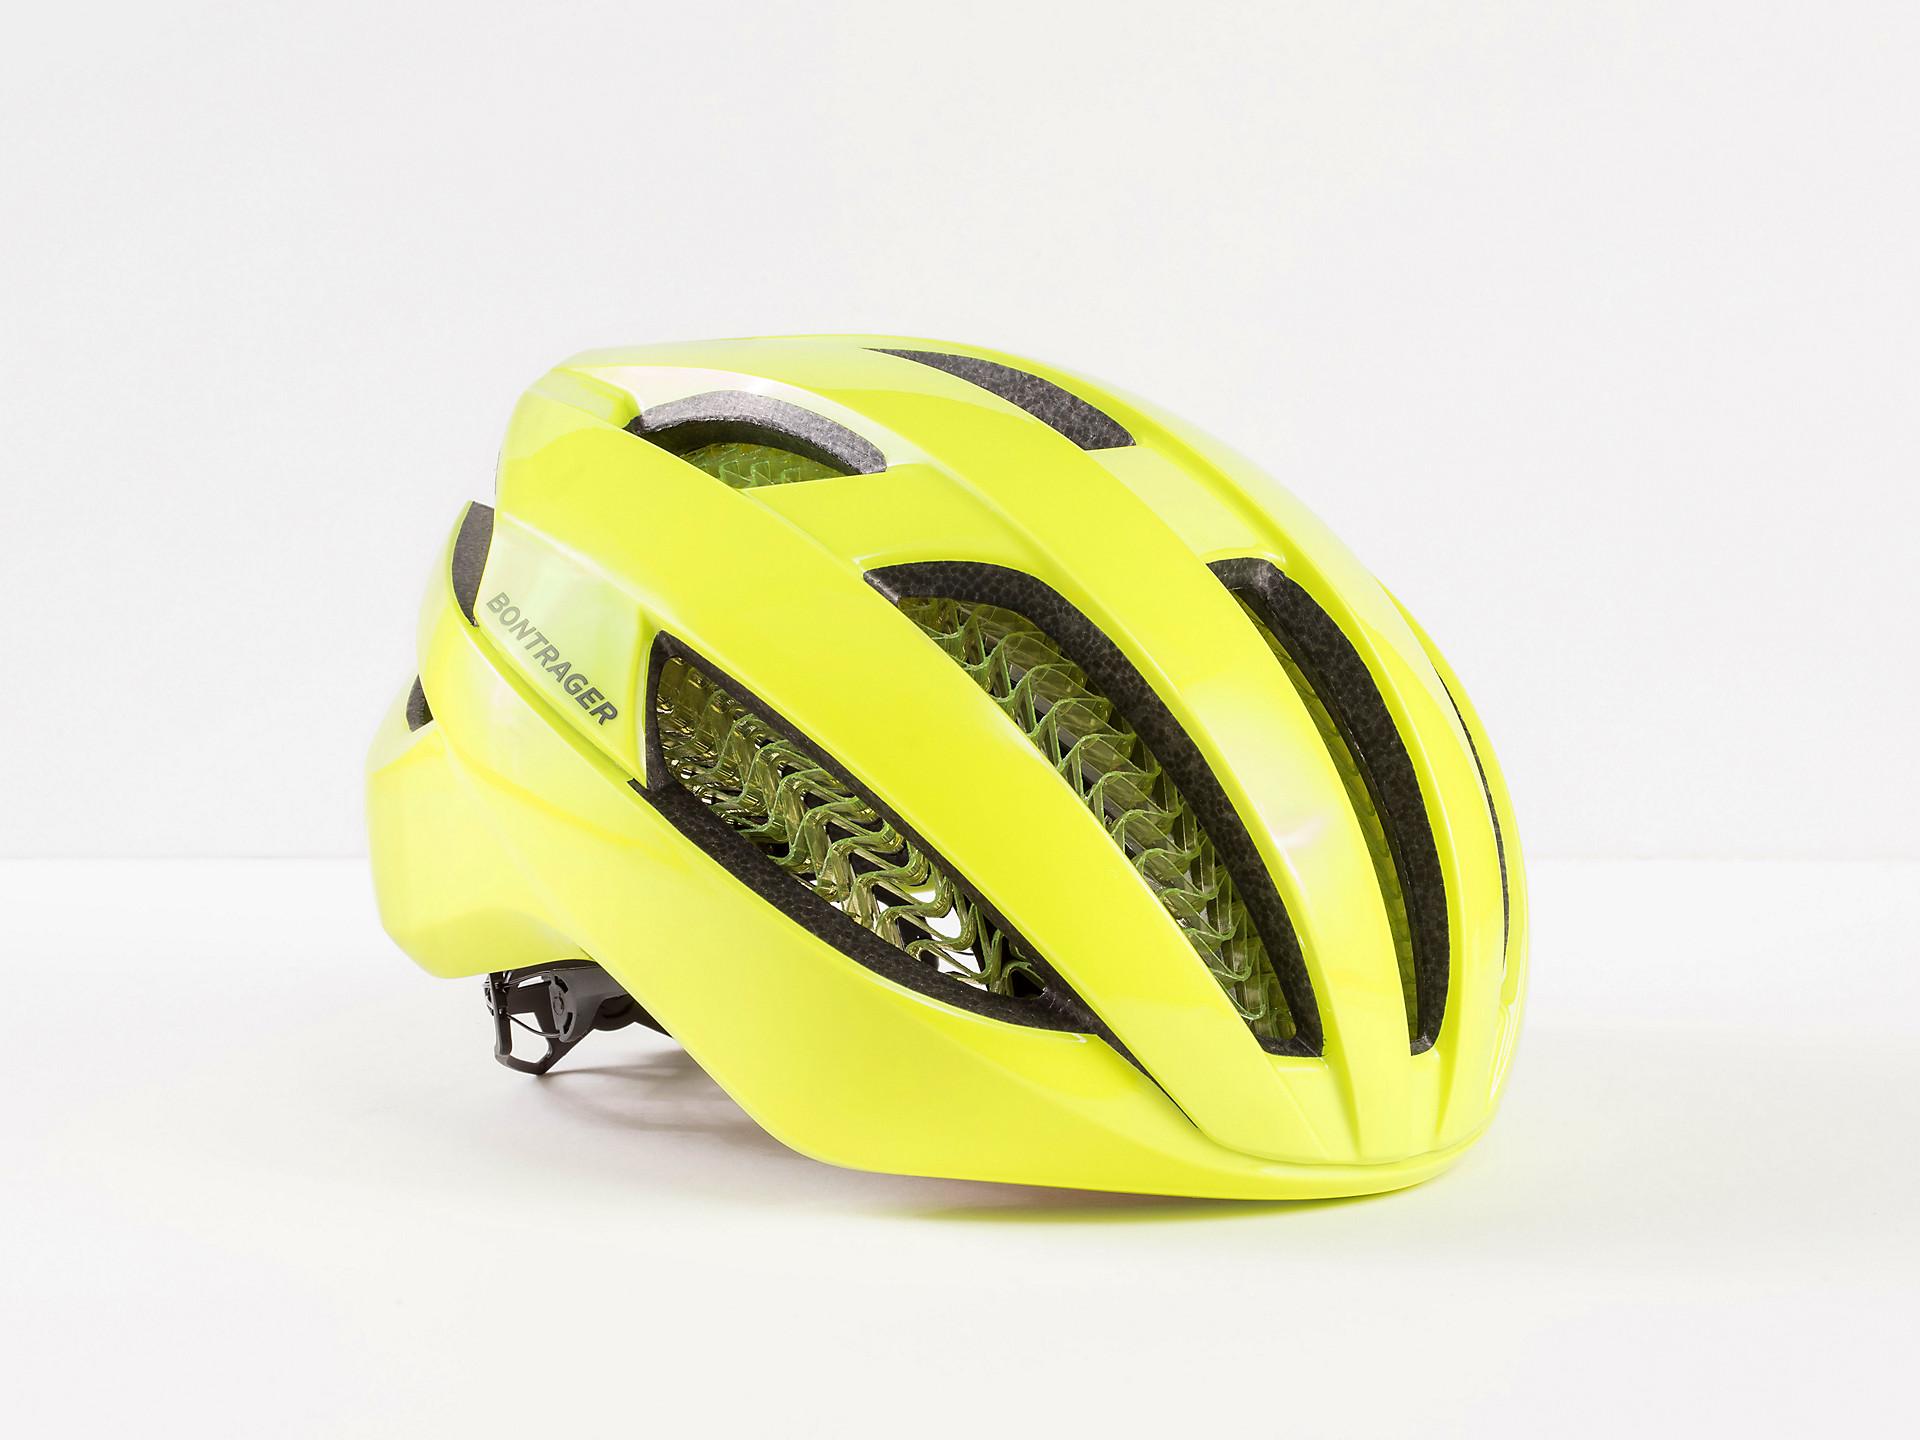 Capacete Ciclismo Specter WaveCel Bontrager